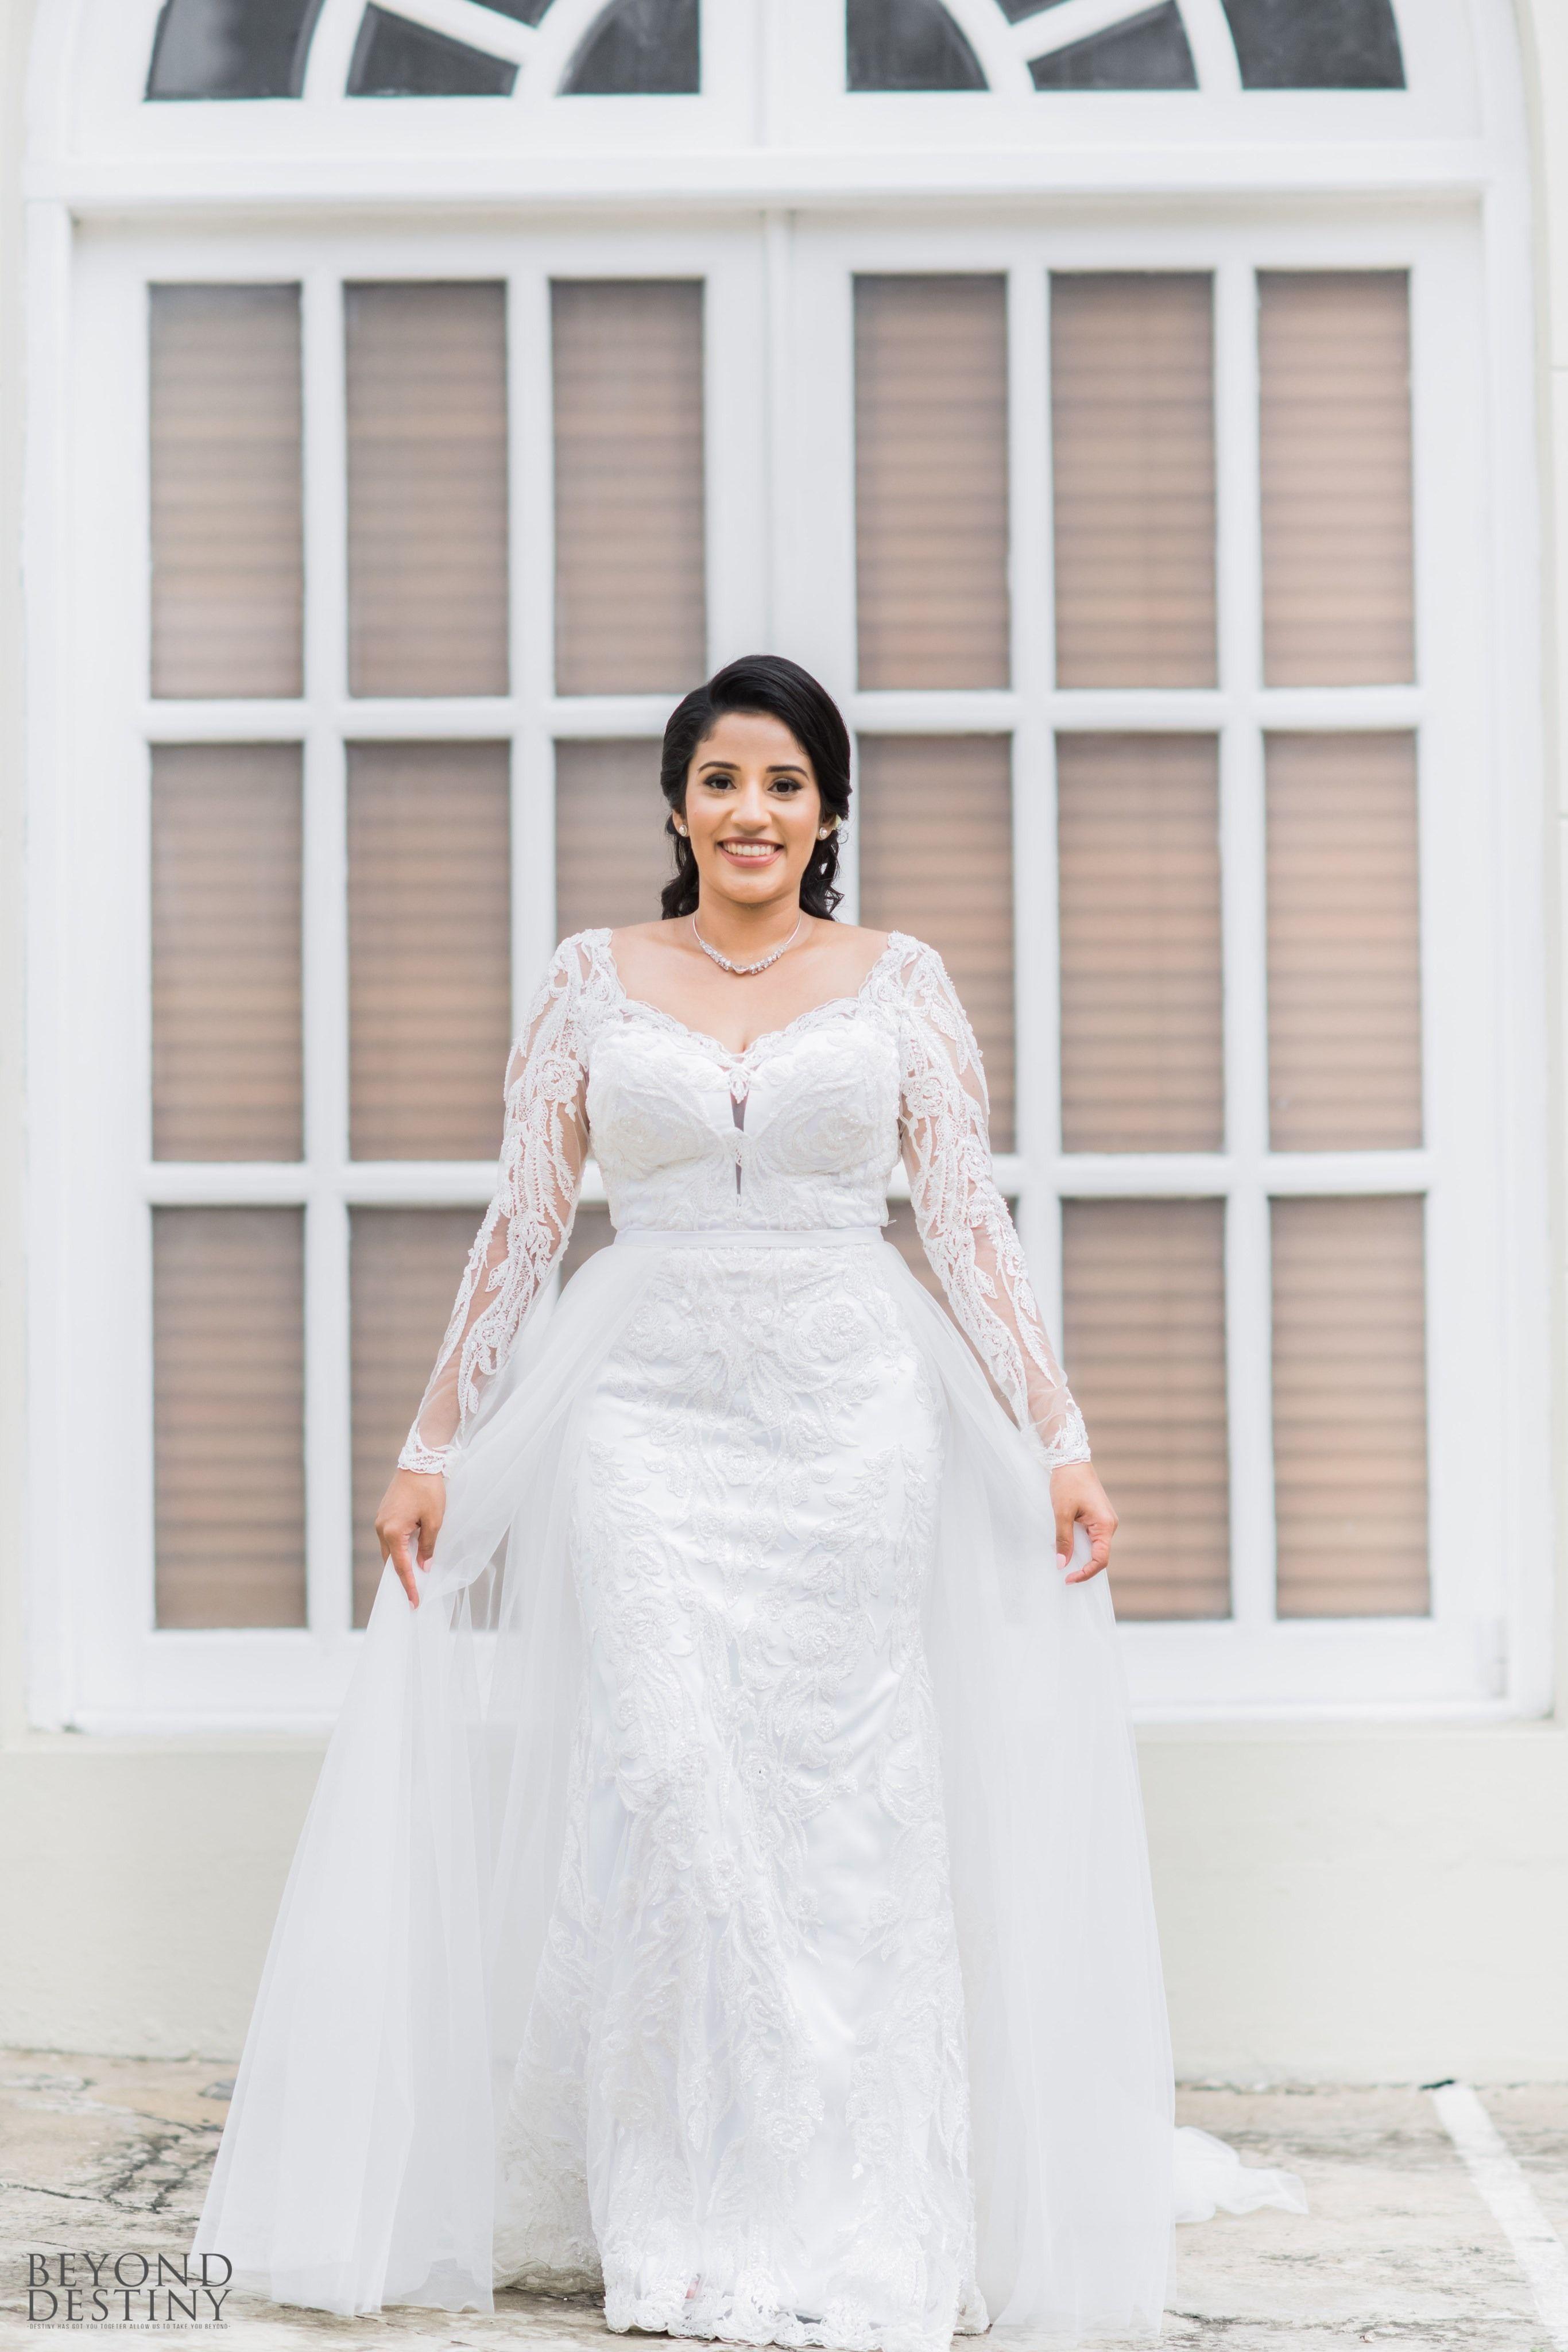 Sri Lankan Bride Wedding Bridal Ball Gown Ball Gown Wedding Dress Wedding Frocks